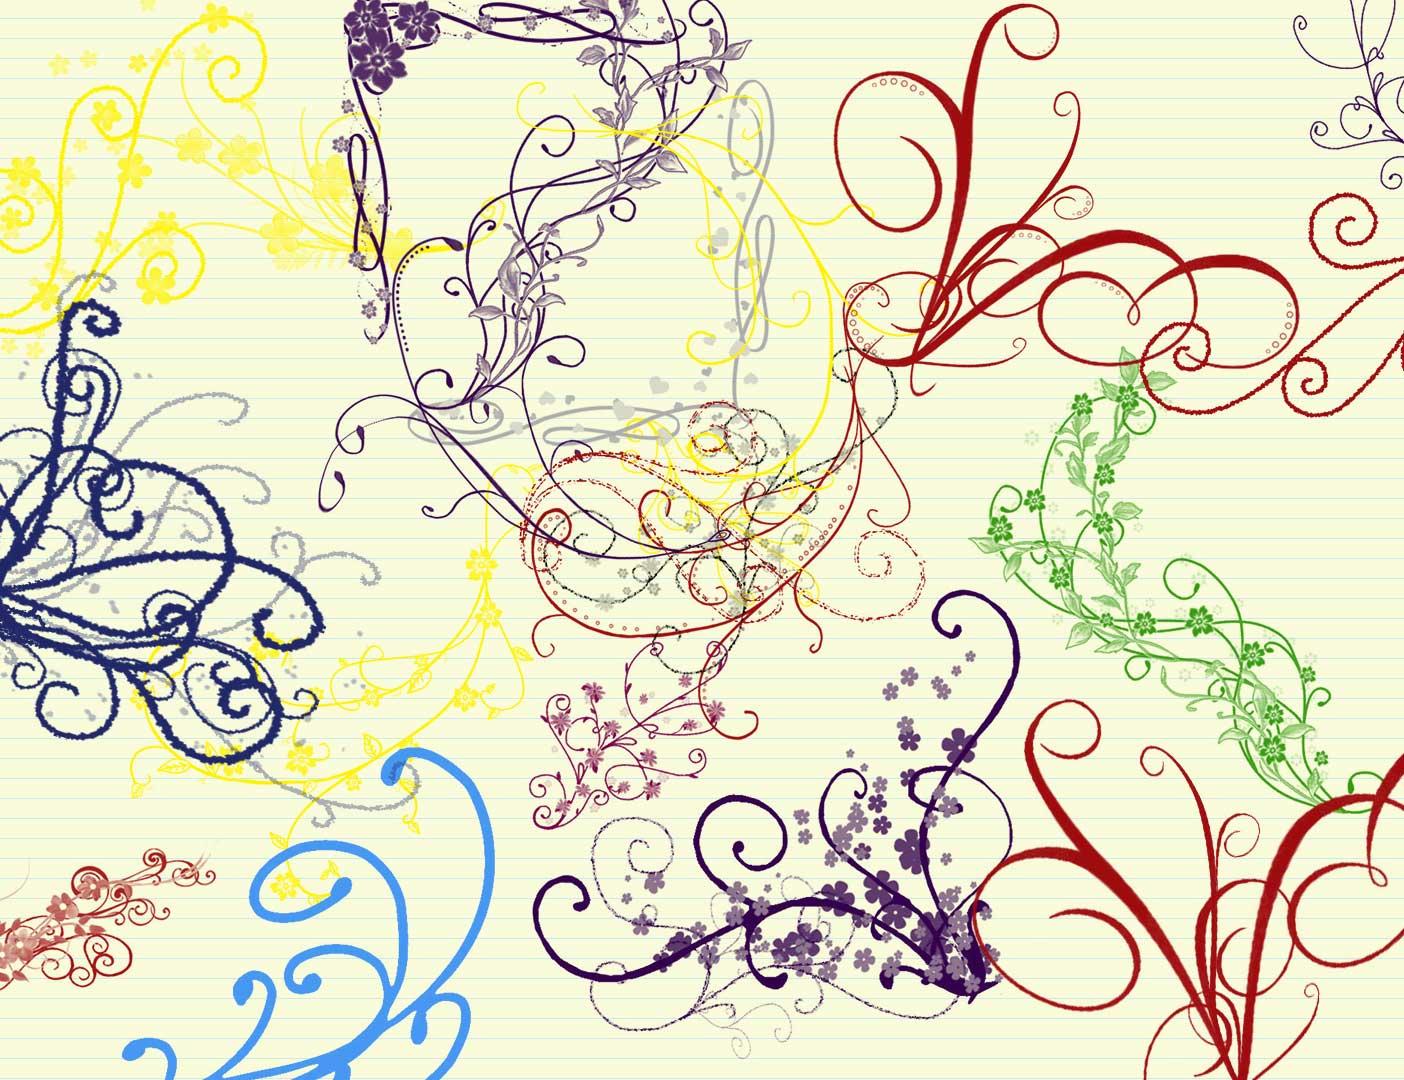 优雅的漩涡植物花纹图案PS笔刷素材下载 植物花纹笔刷 优雅的花纹笔刷  flowers brushes